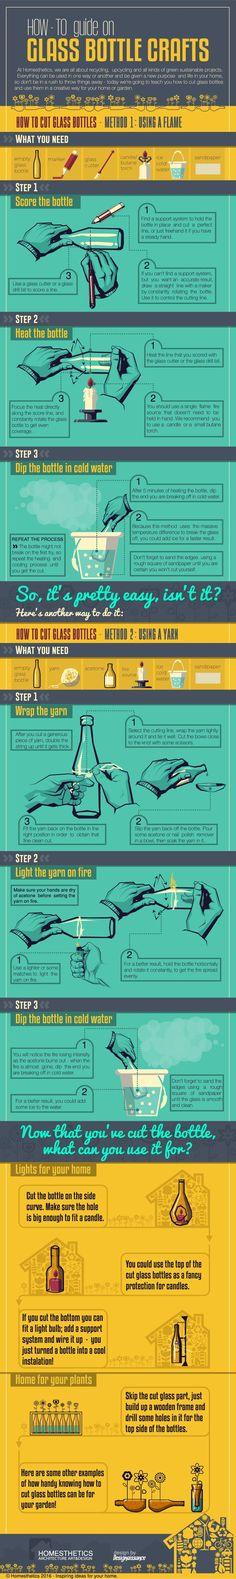 44 einfache DIY Wein Flaschen Handwerk und Ideen auf wie zu geschliffenem Glas P991S Homesthetics